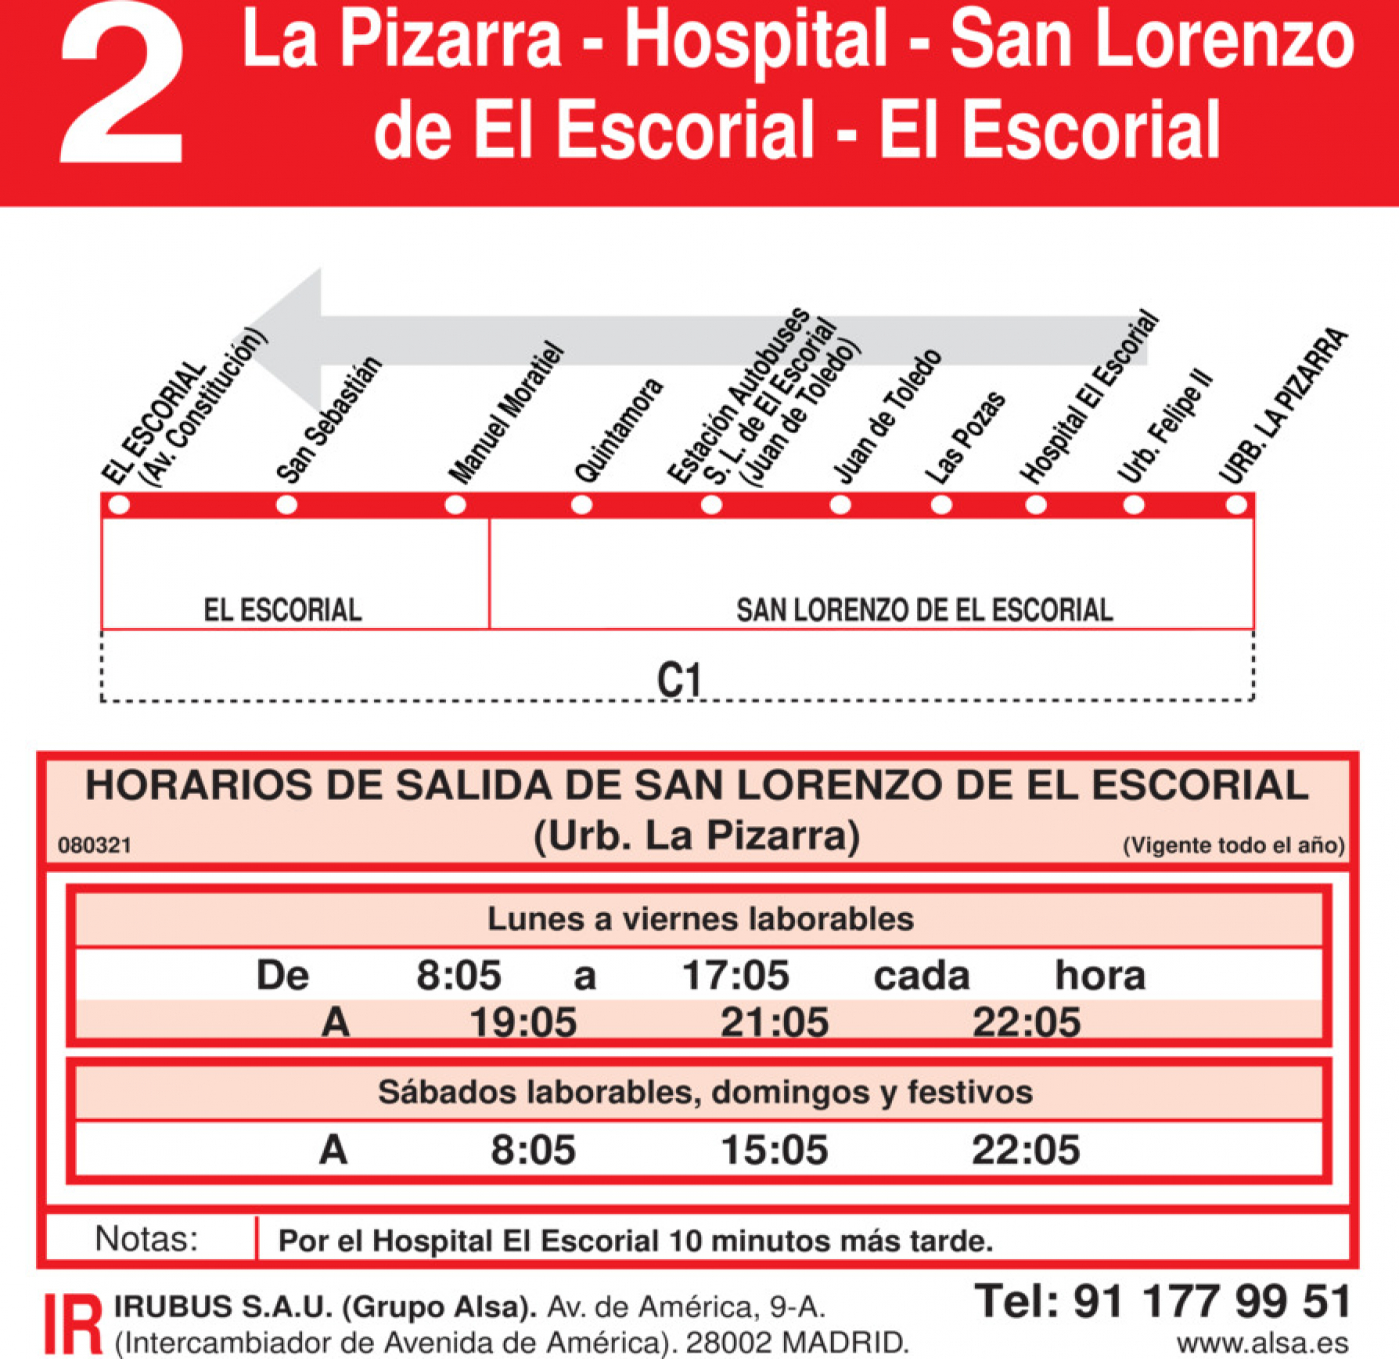 Tabla de horarios y frecuencias de paso en sentido vuelta Línea L-2 El Escorial: El Escorial - San Lorenzo de El Escorial - Hospital - La Pizarra